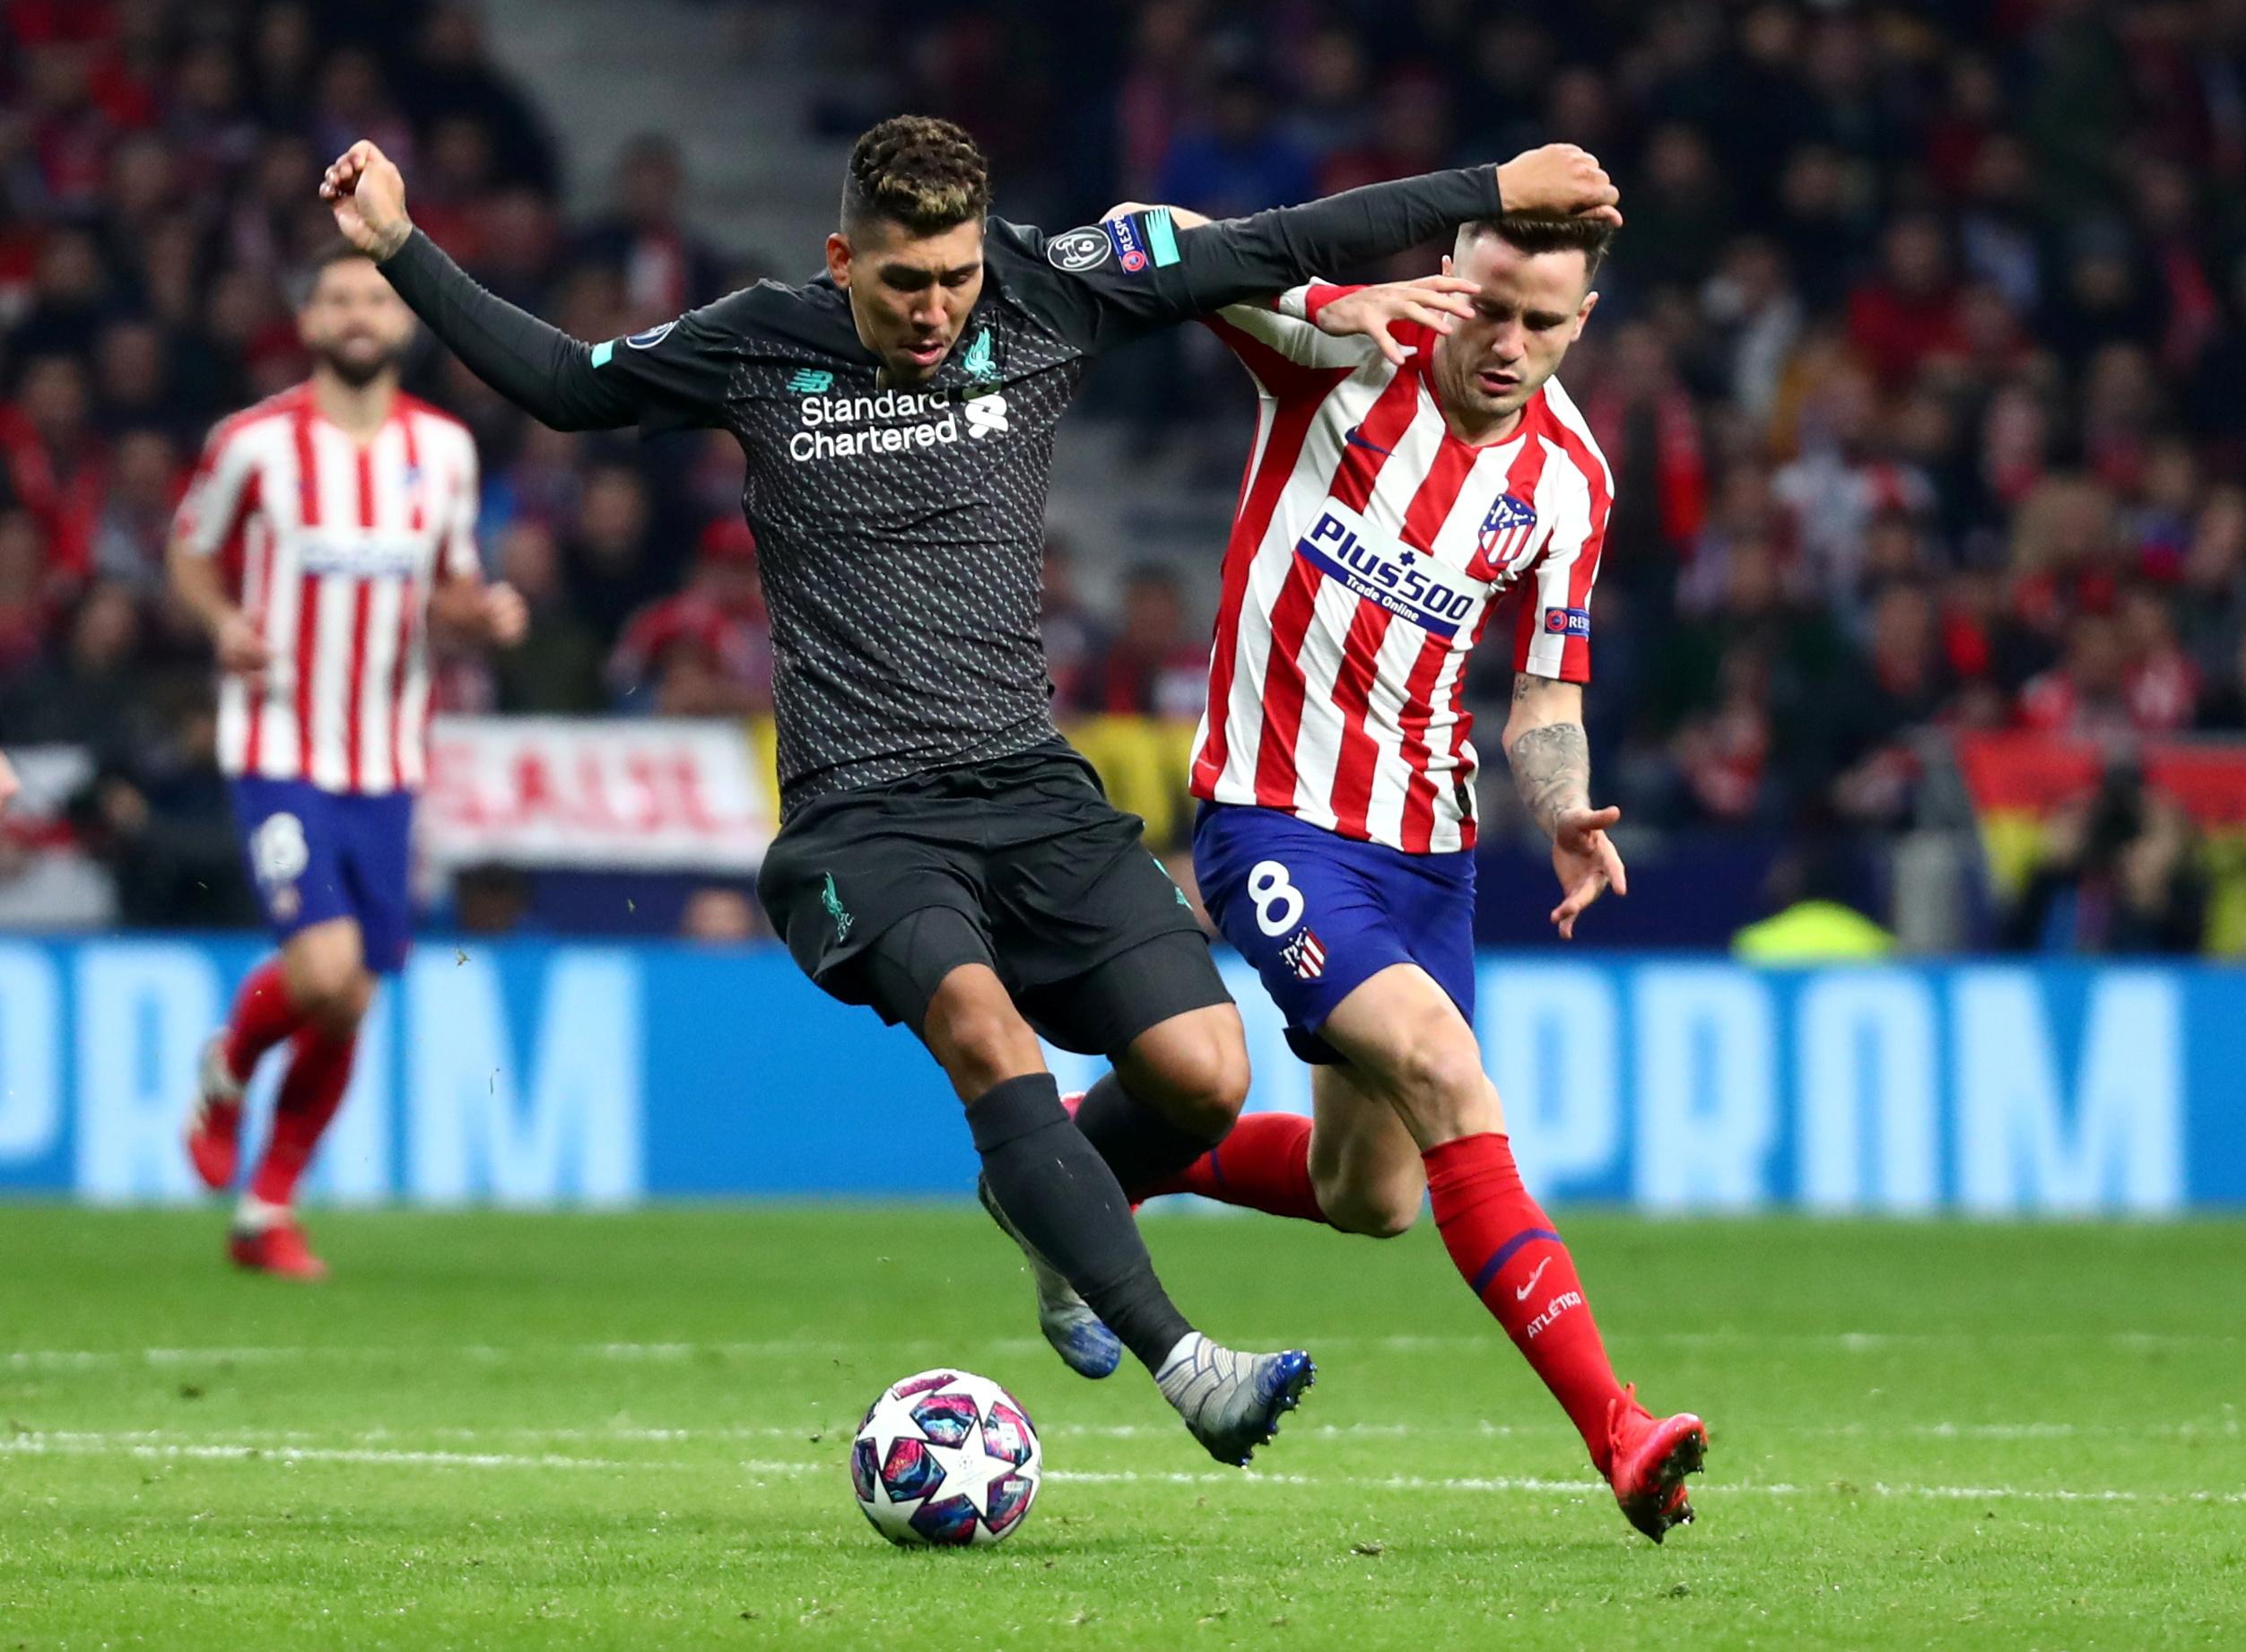 马德里竞技队球员萨乌尔(右)和利物浦队球员菲尔米诺在比赛中拼抢